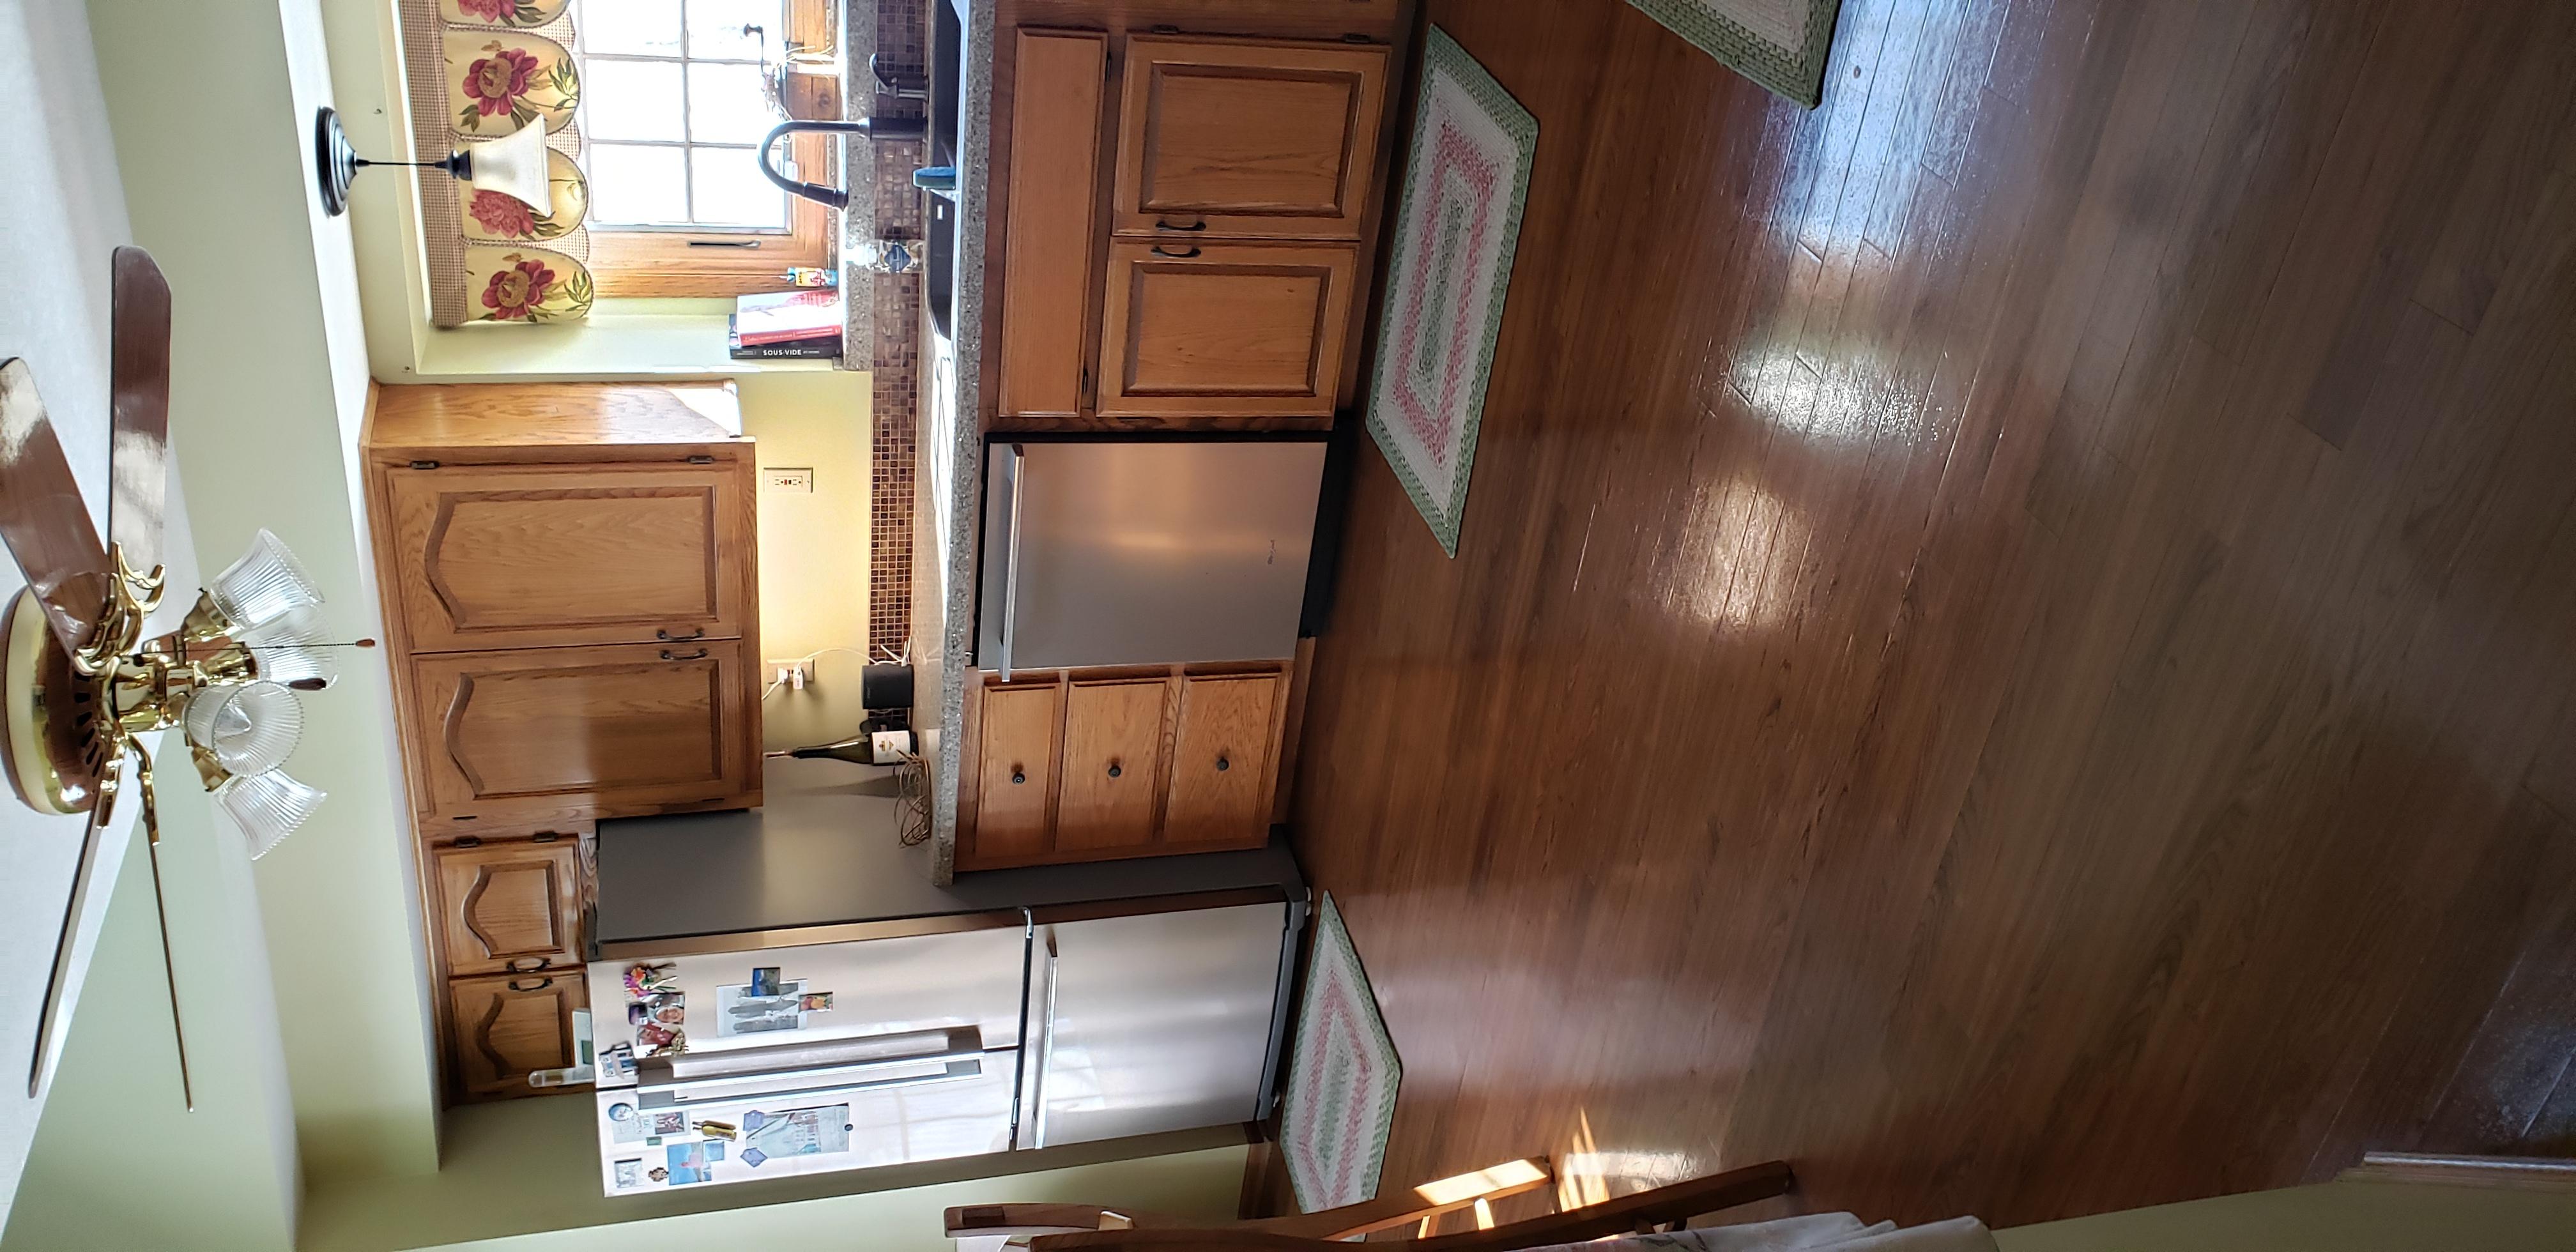 2058 HIllside Ave Mondamin Kitchen1